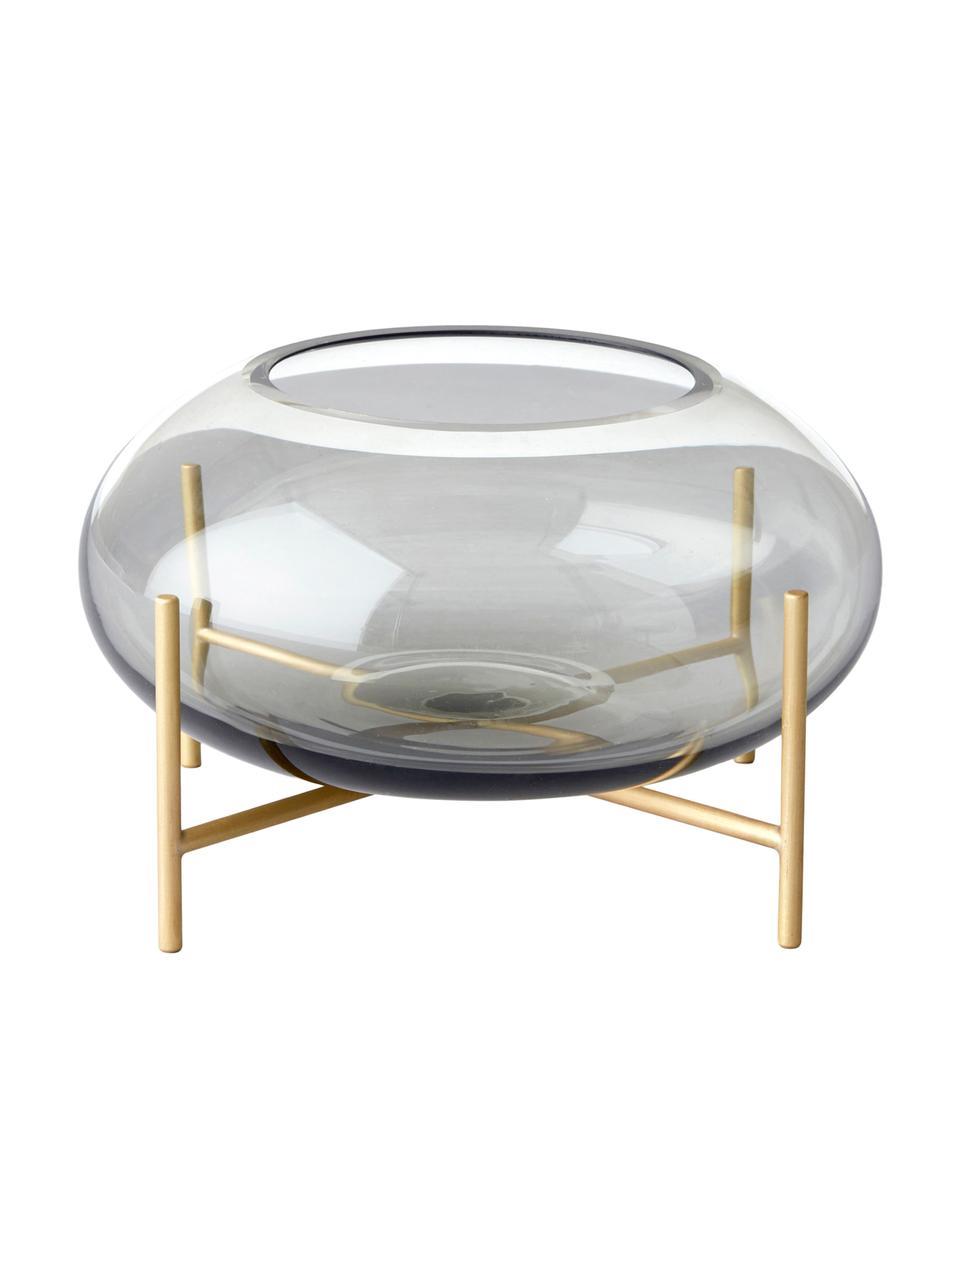 Teelichthalter Hurricane, Messing, gebürstet Glas, Messing, Grau, Ø 14 x H 9 cm